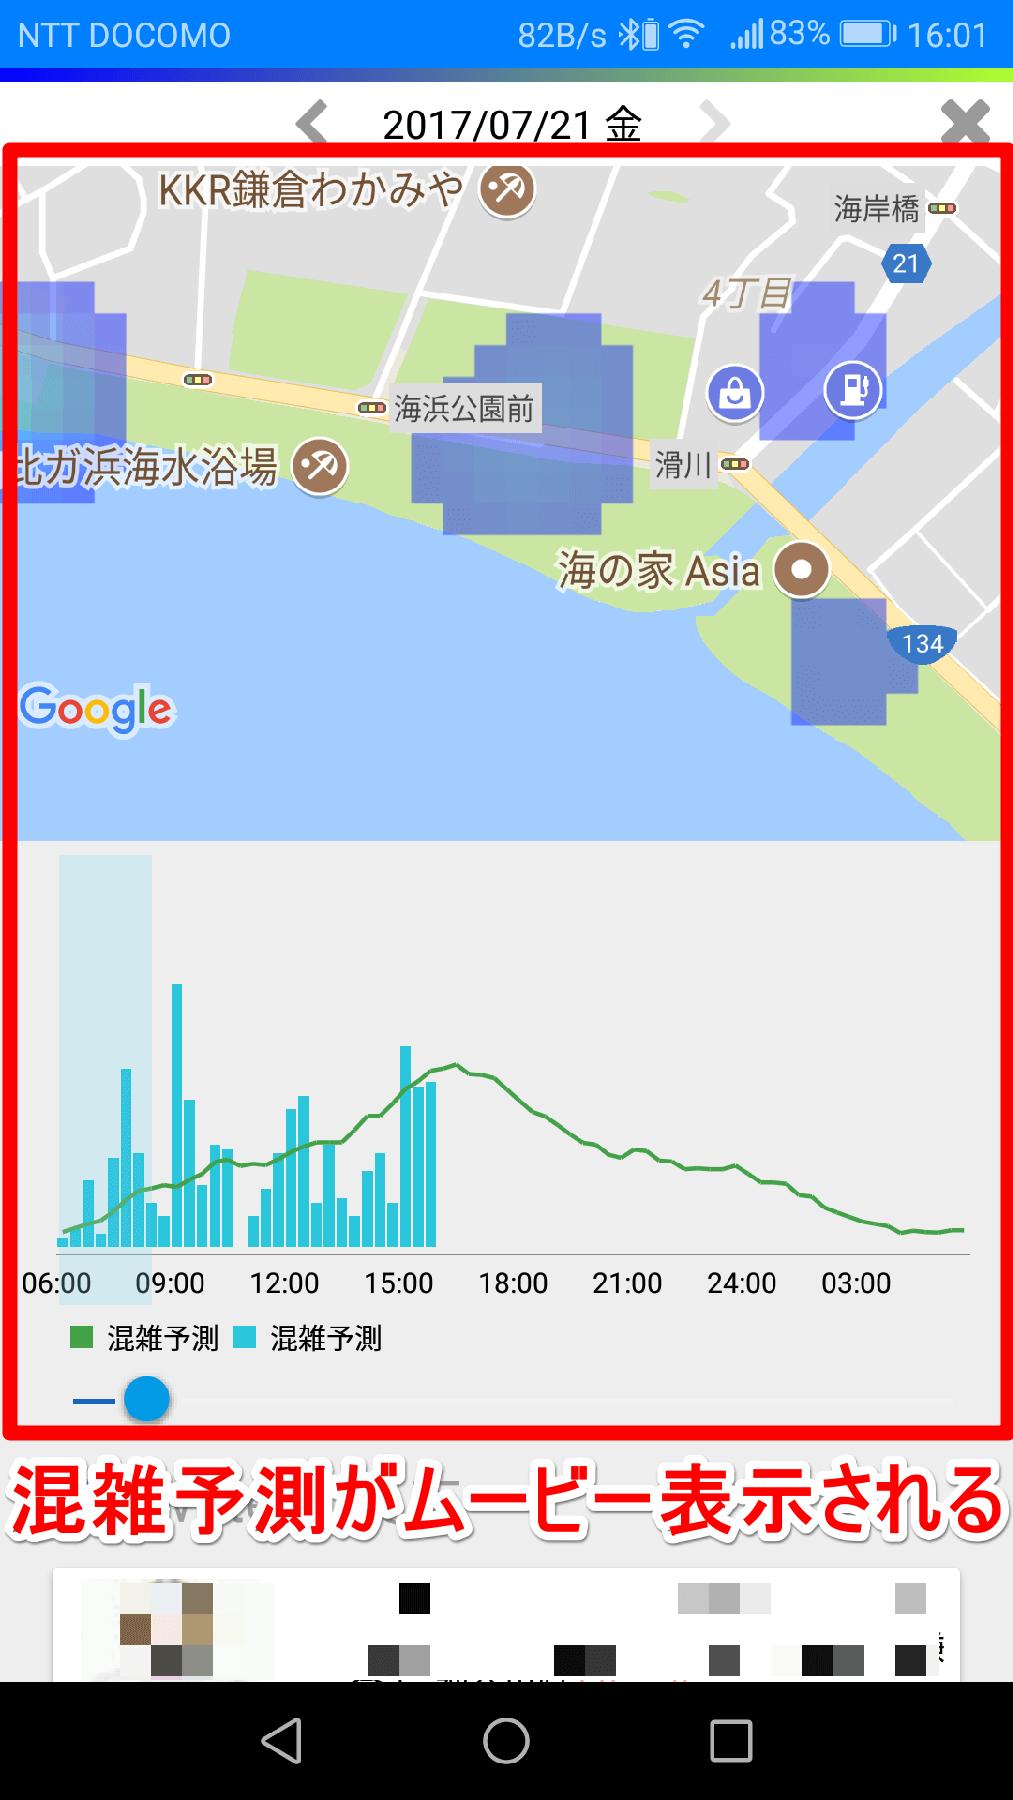 [混雑マップ]のムービーを再生中の画面